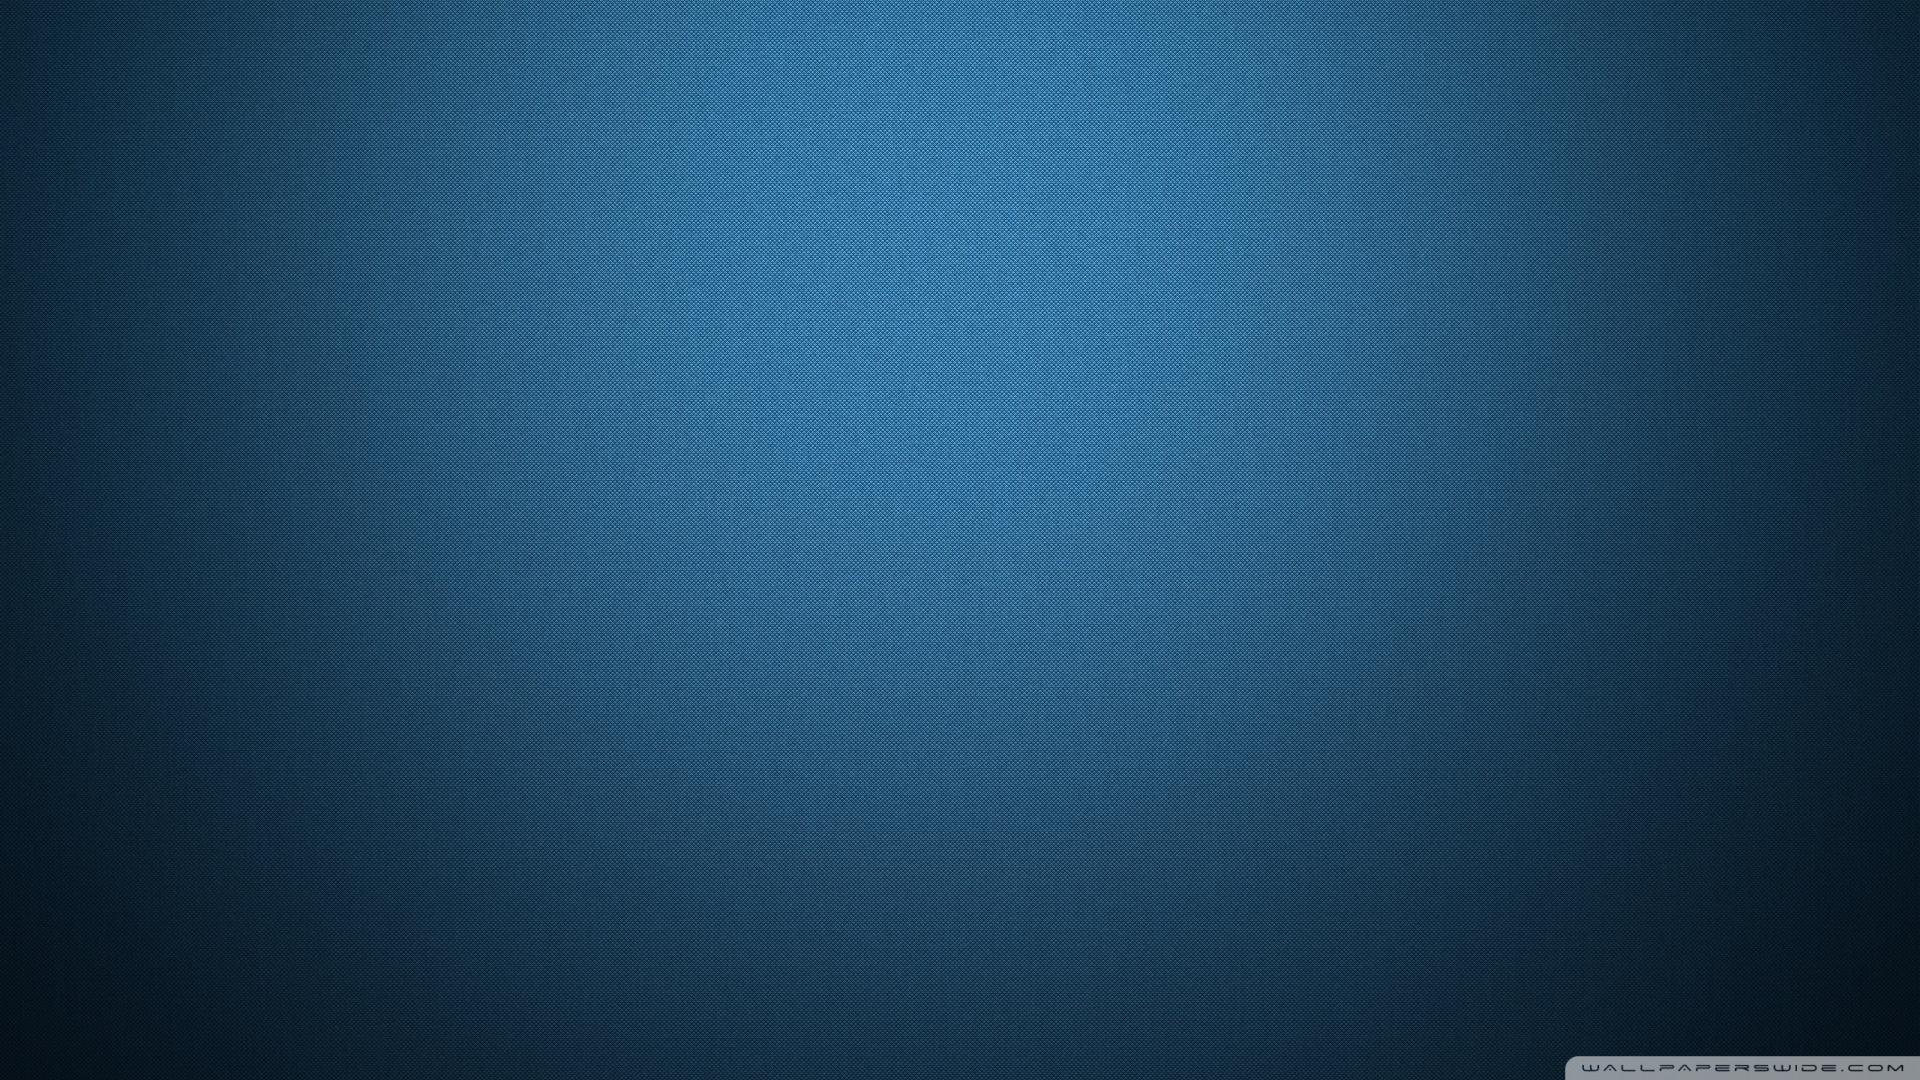 Dark Blue Background Wallpaper 1920x1080 Dark Blue Background 1920x1080